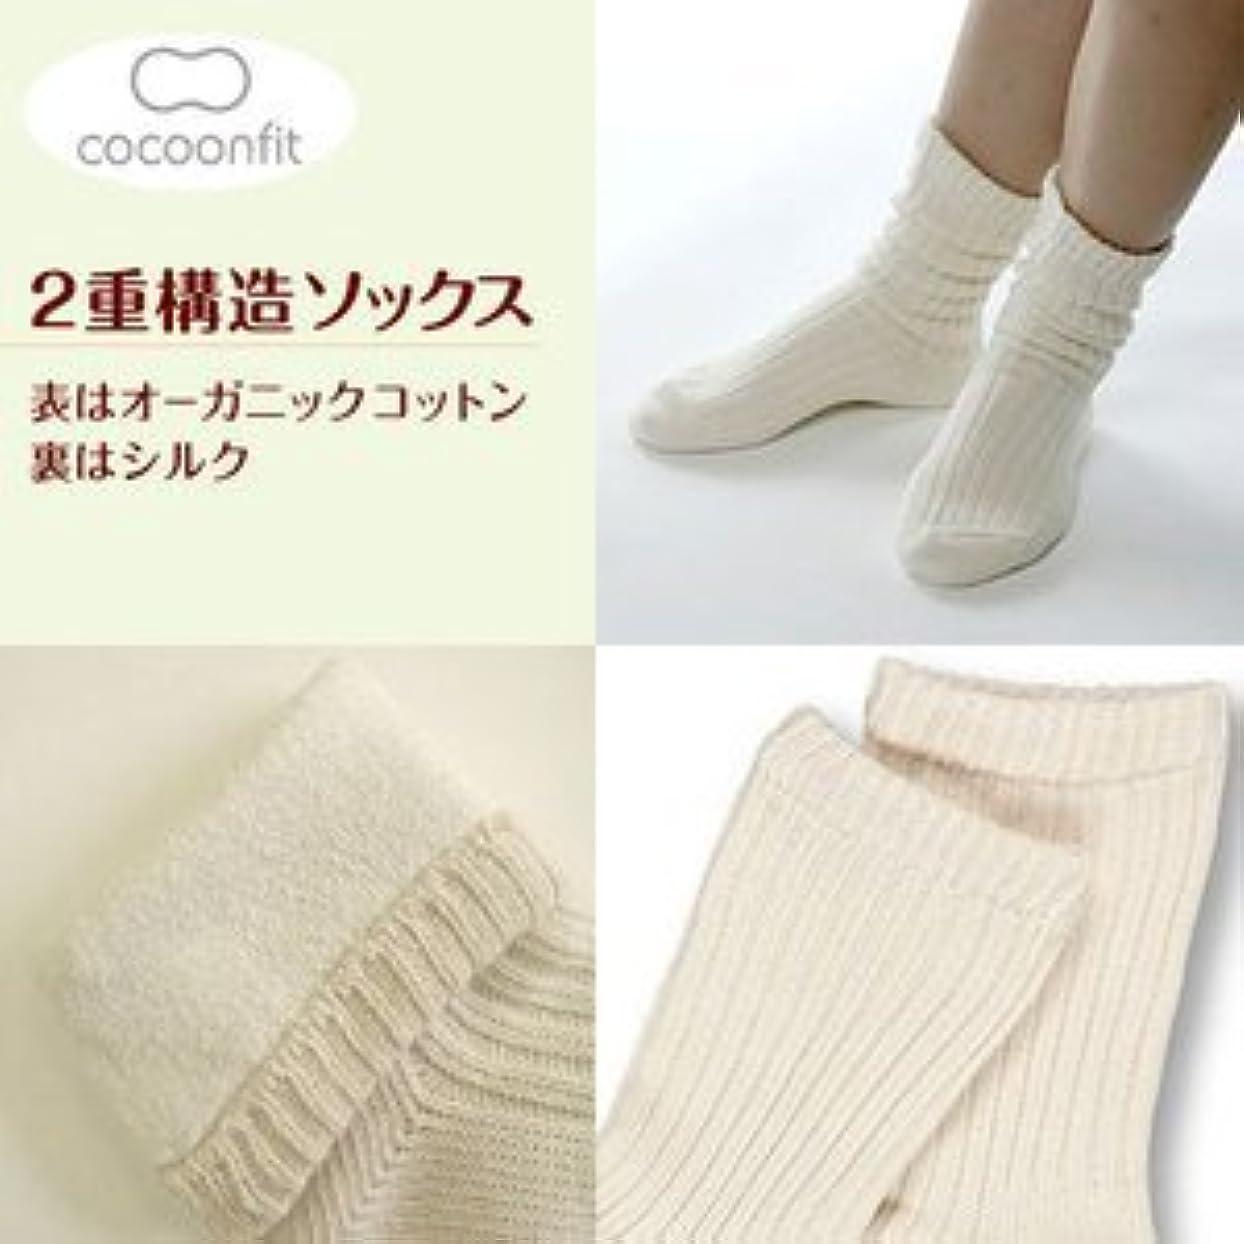 ミニ放棄された直径シルク 2重編みソックス (冷え取り靴下、冷えとり 靴下 シルク、重ね、二重)